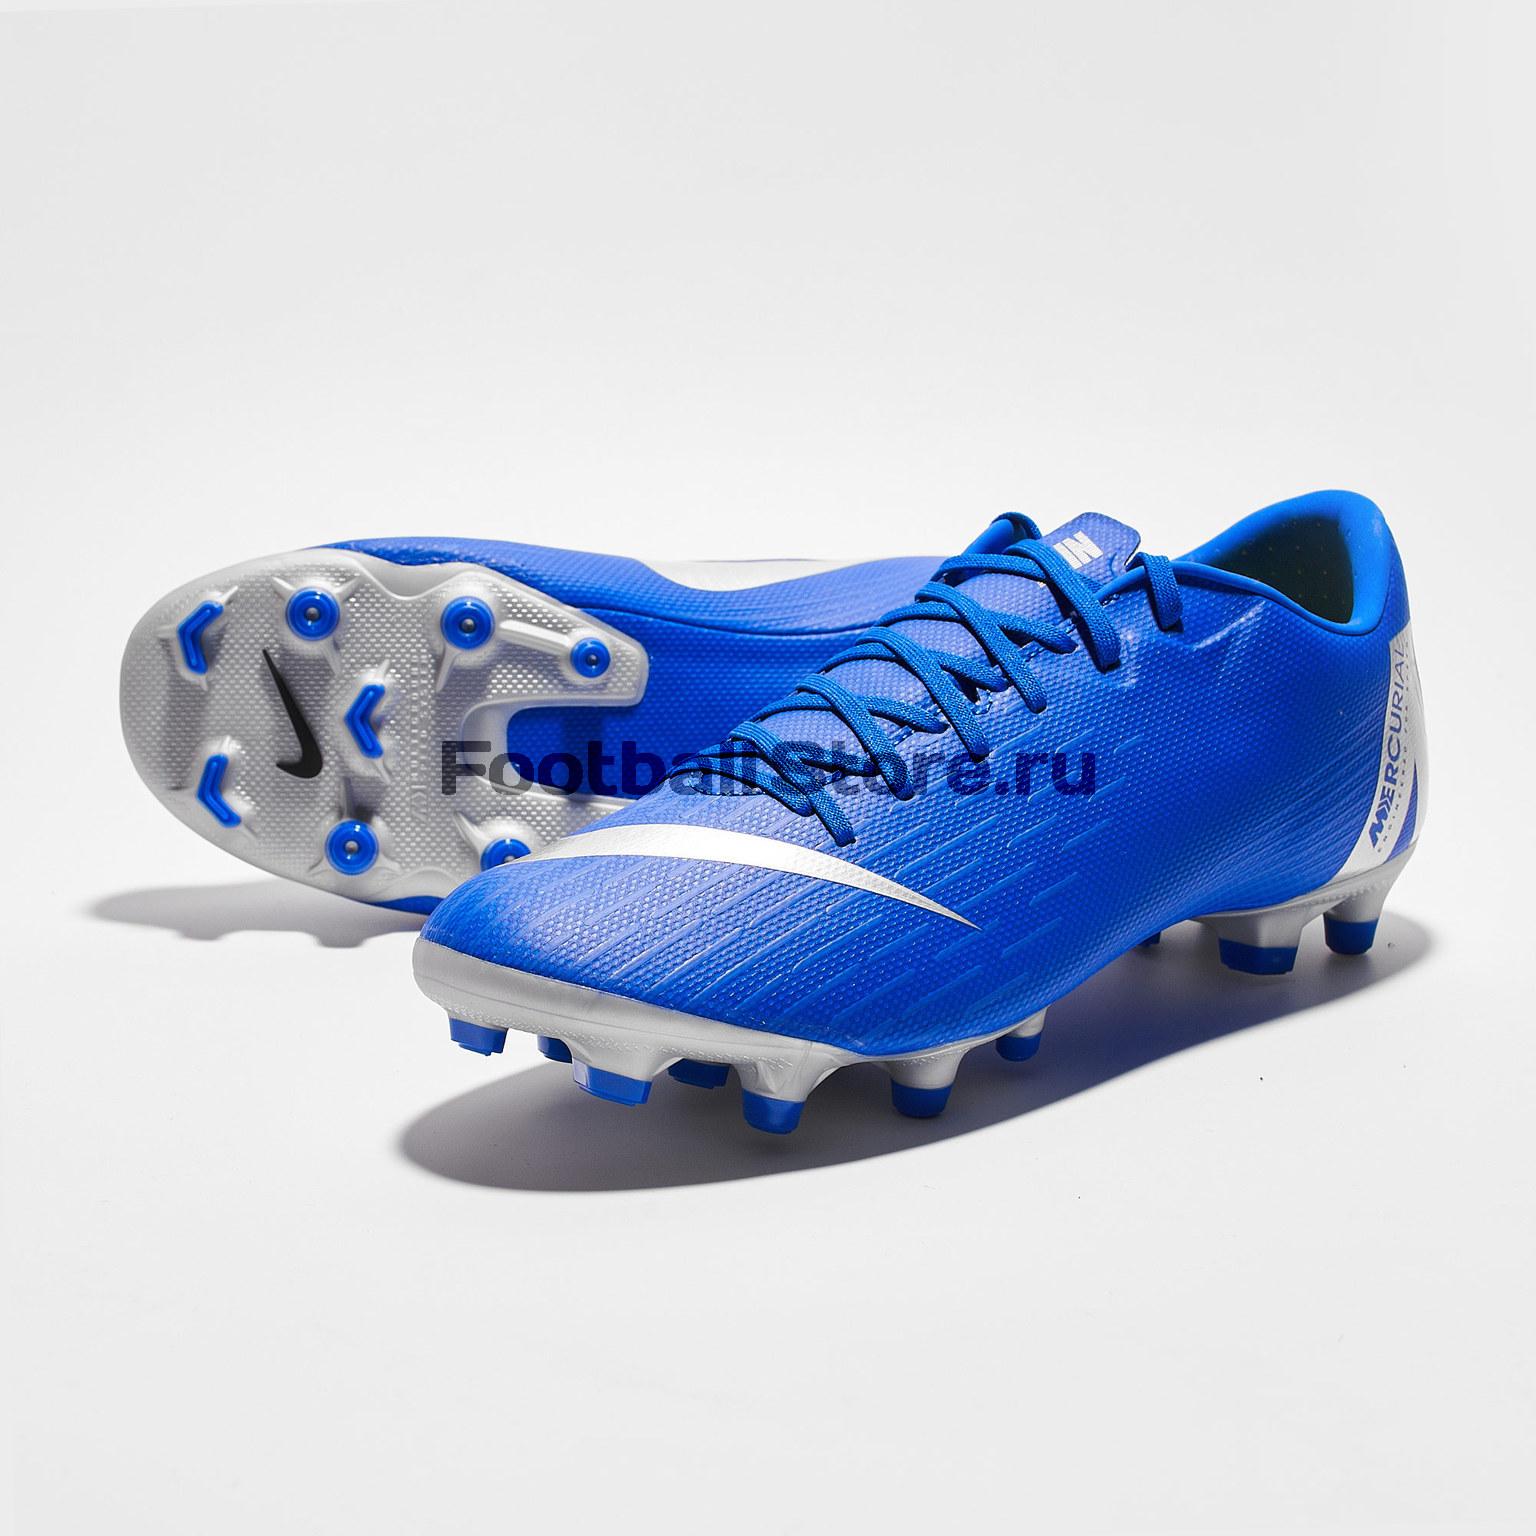 Бутсы Nike Vapor 12 Academy FG/MG AH7375-400 бутсы детские nike vapor 12 academy gs fg mg ah7347 060